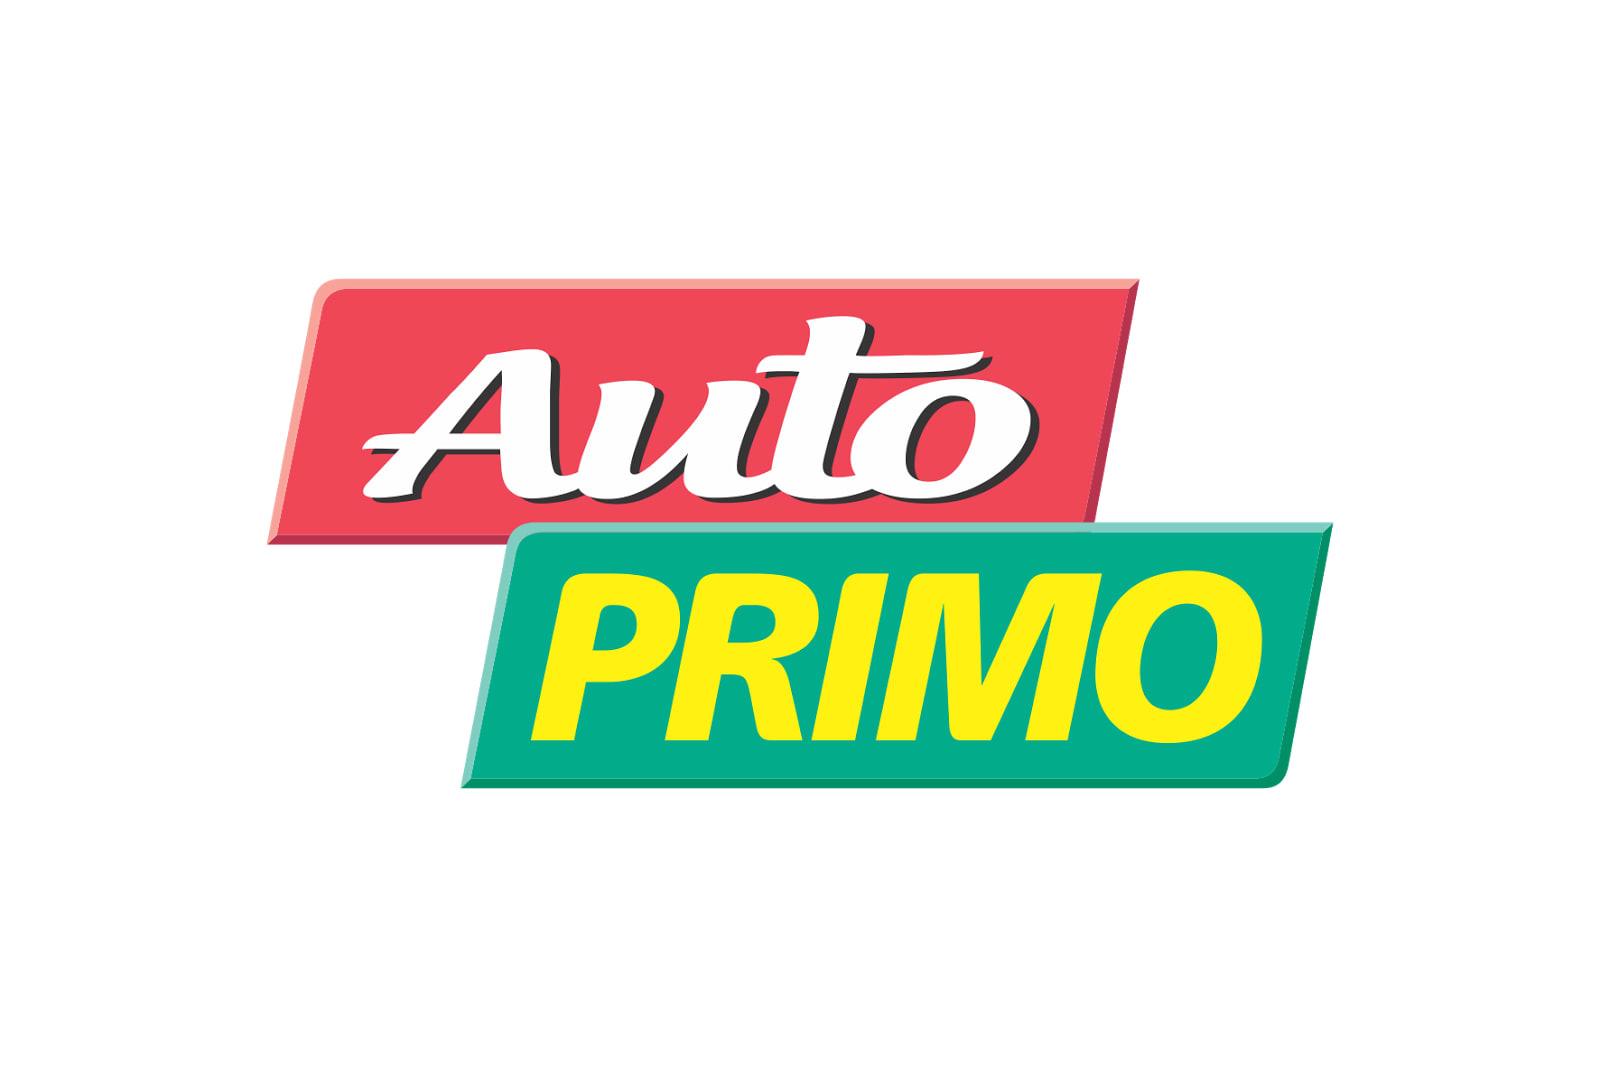 Bm automobiles logo